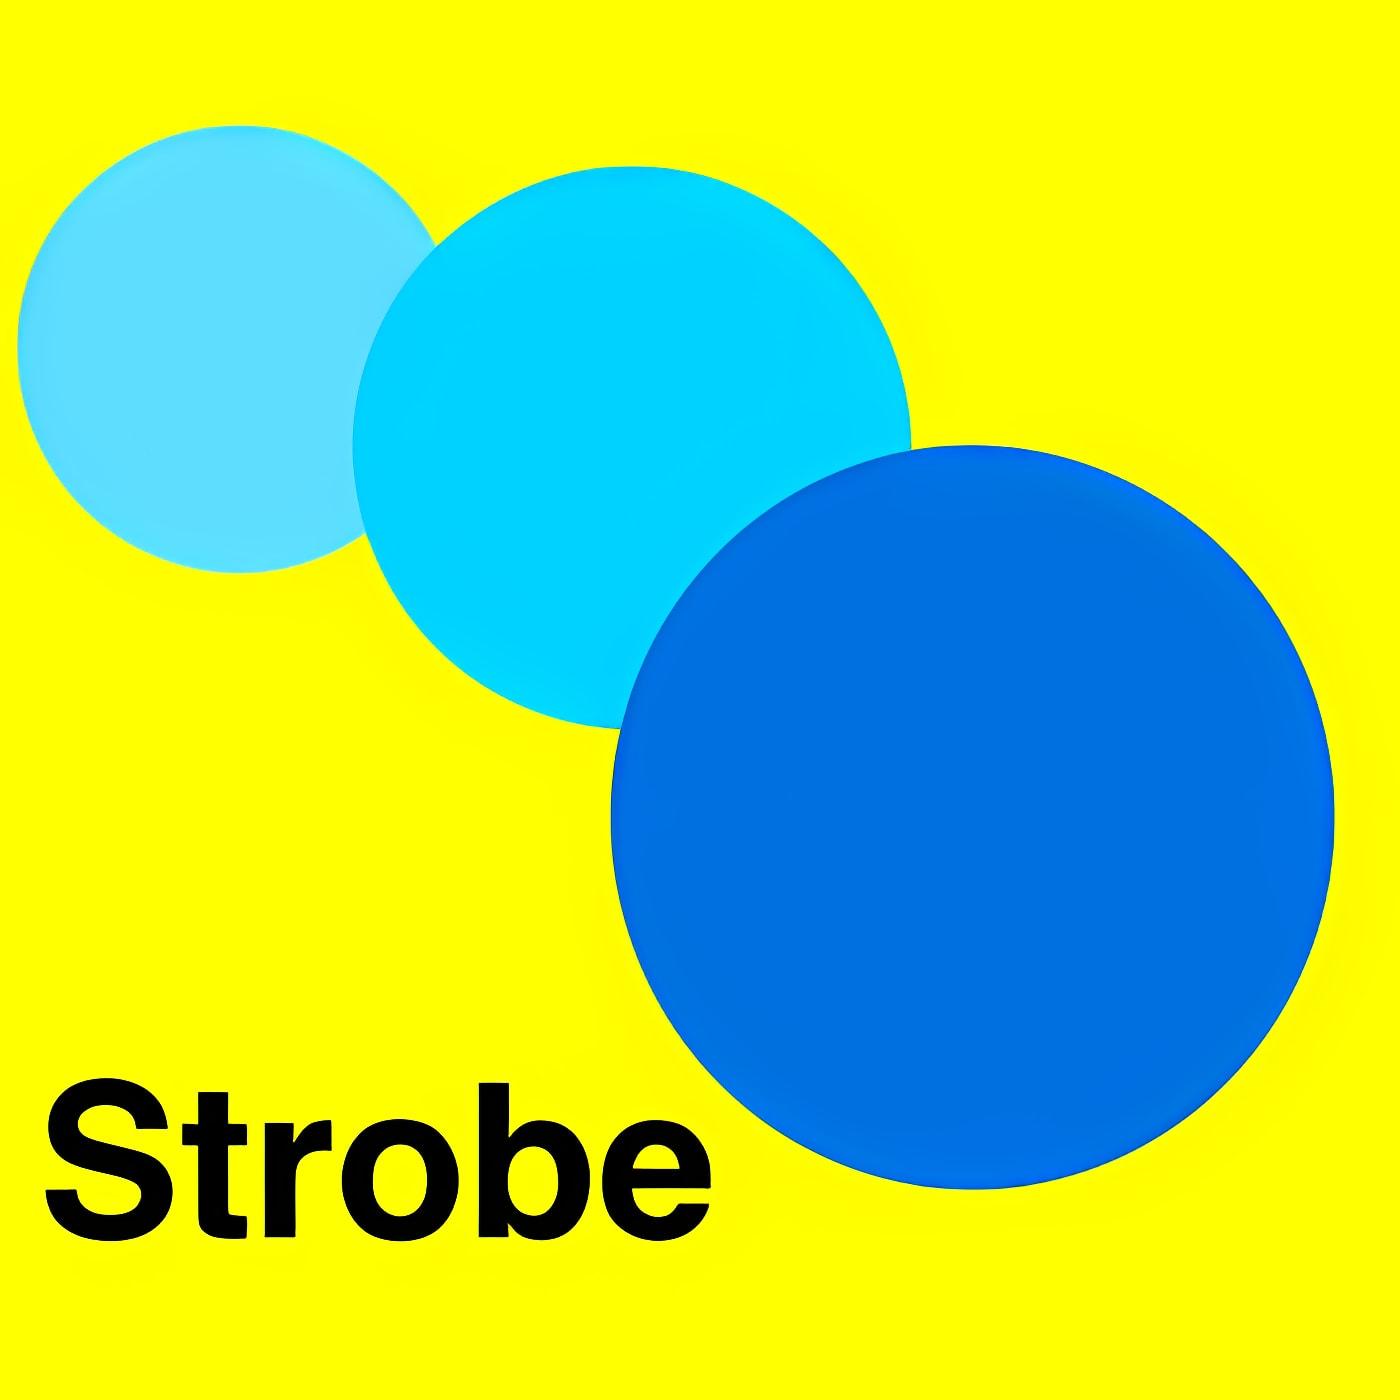 Strobe Image Maker X